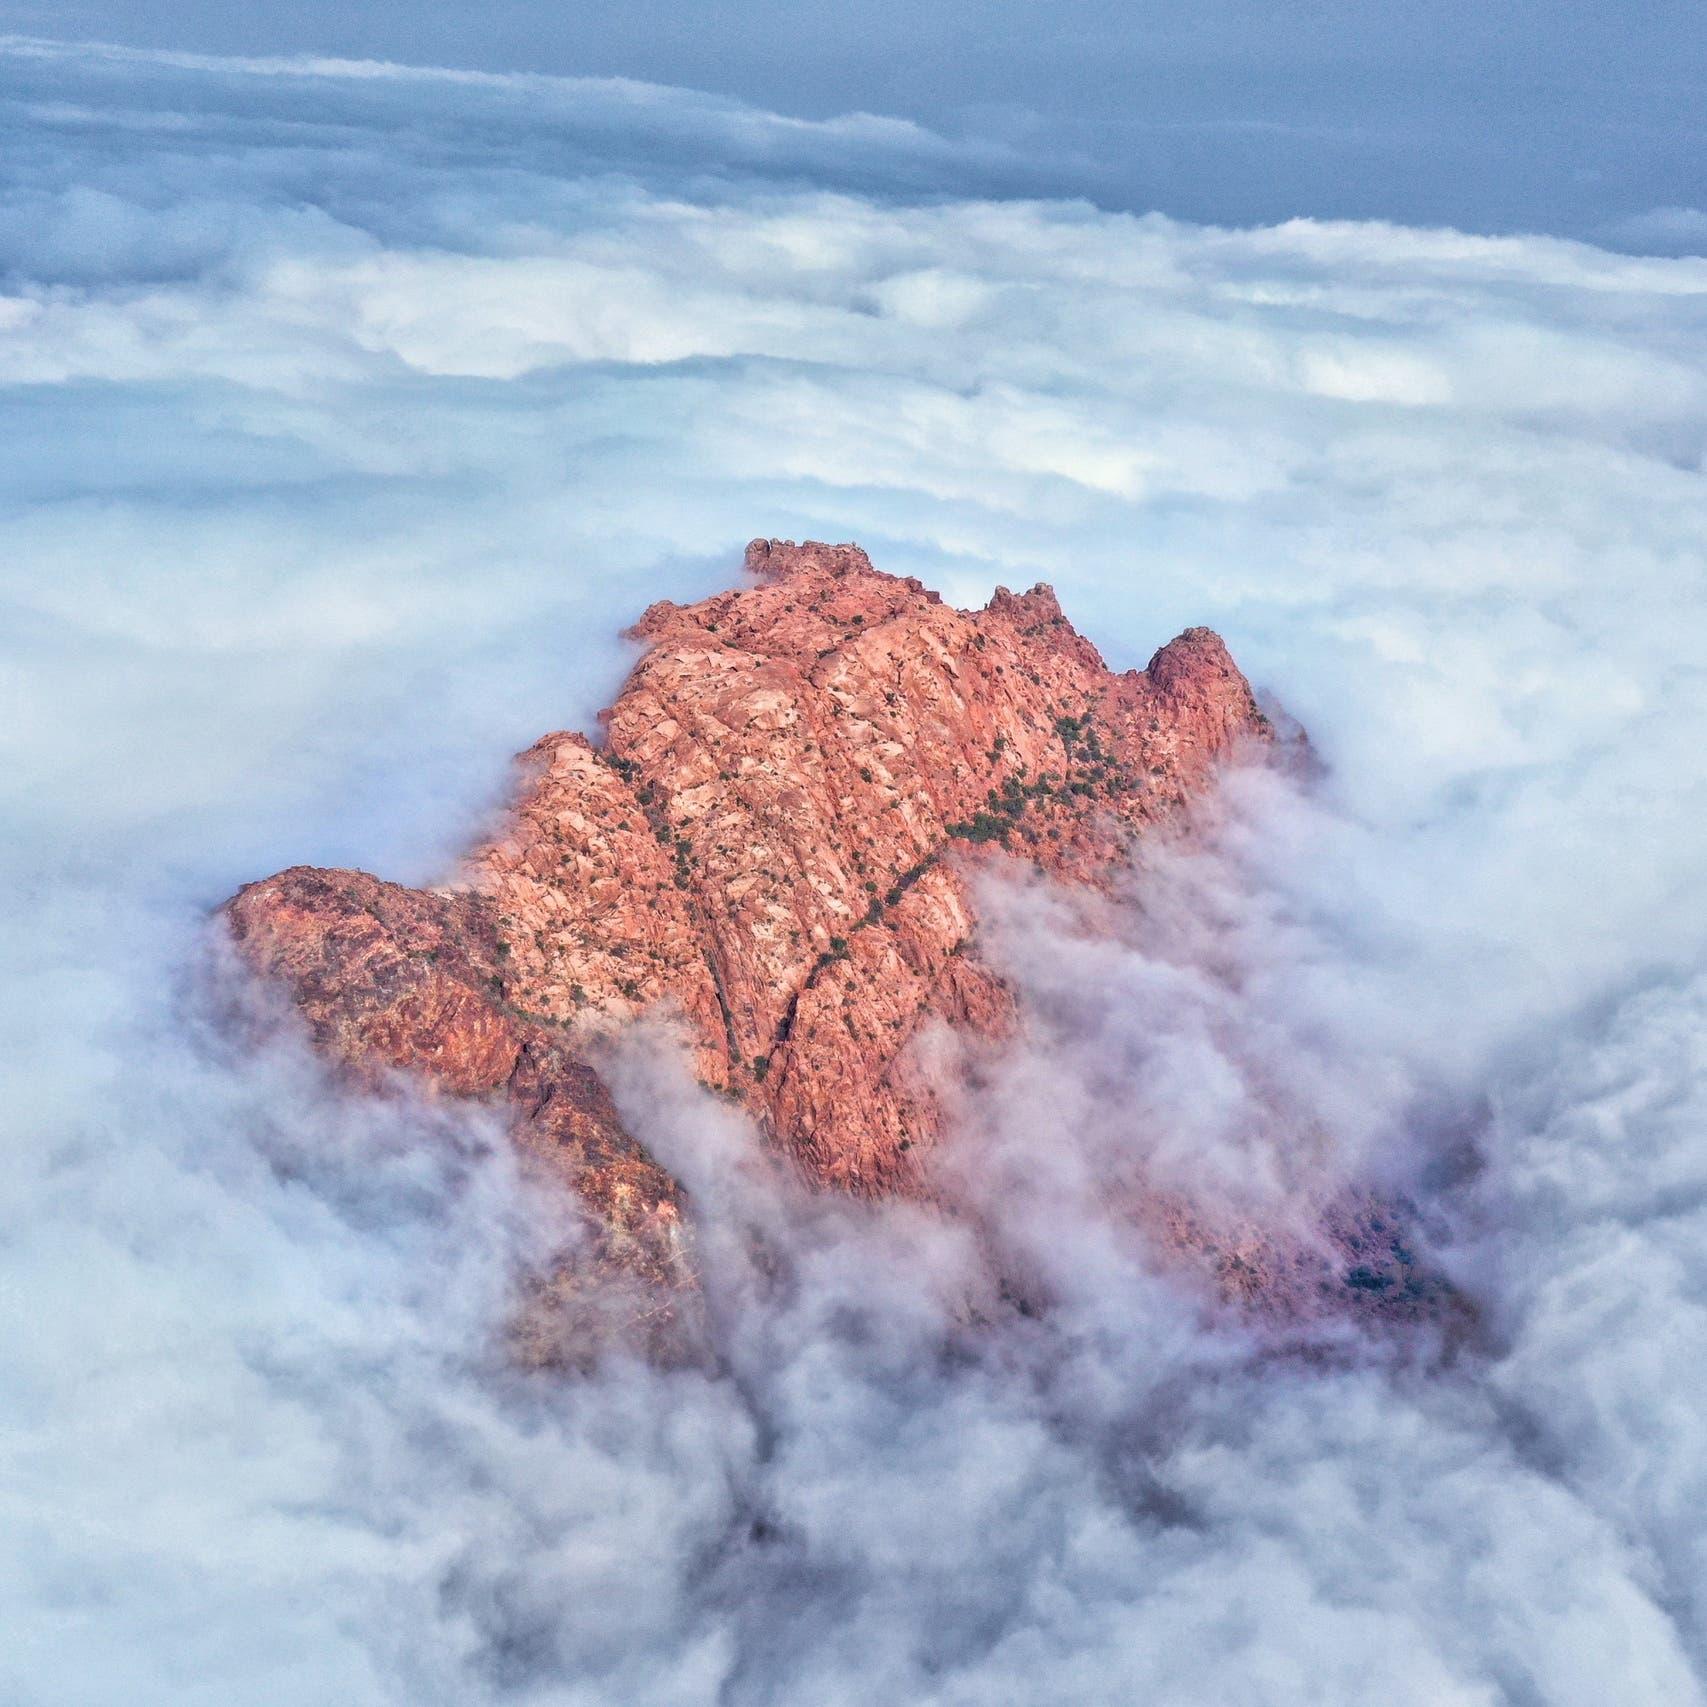 صور ساحرة للسحب بين قمم جبال